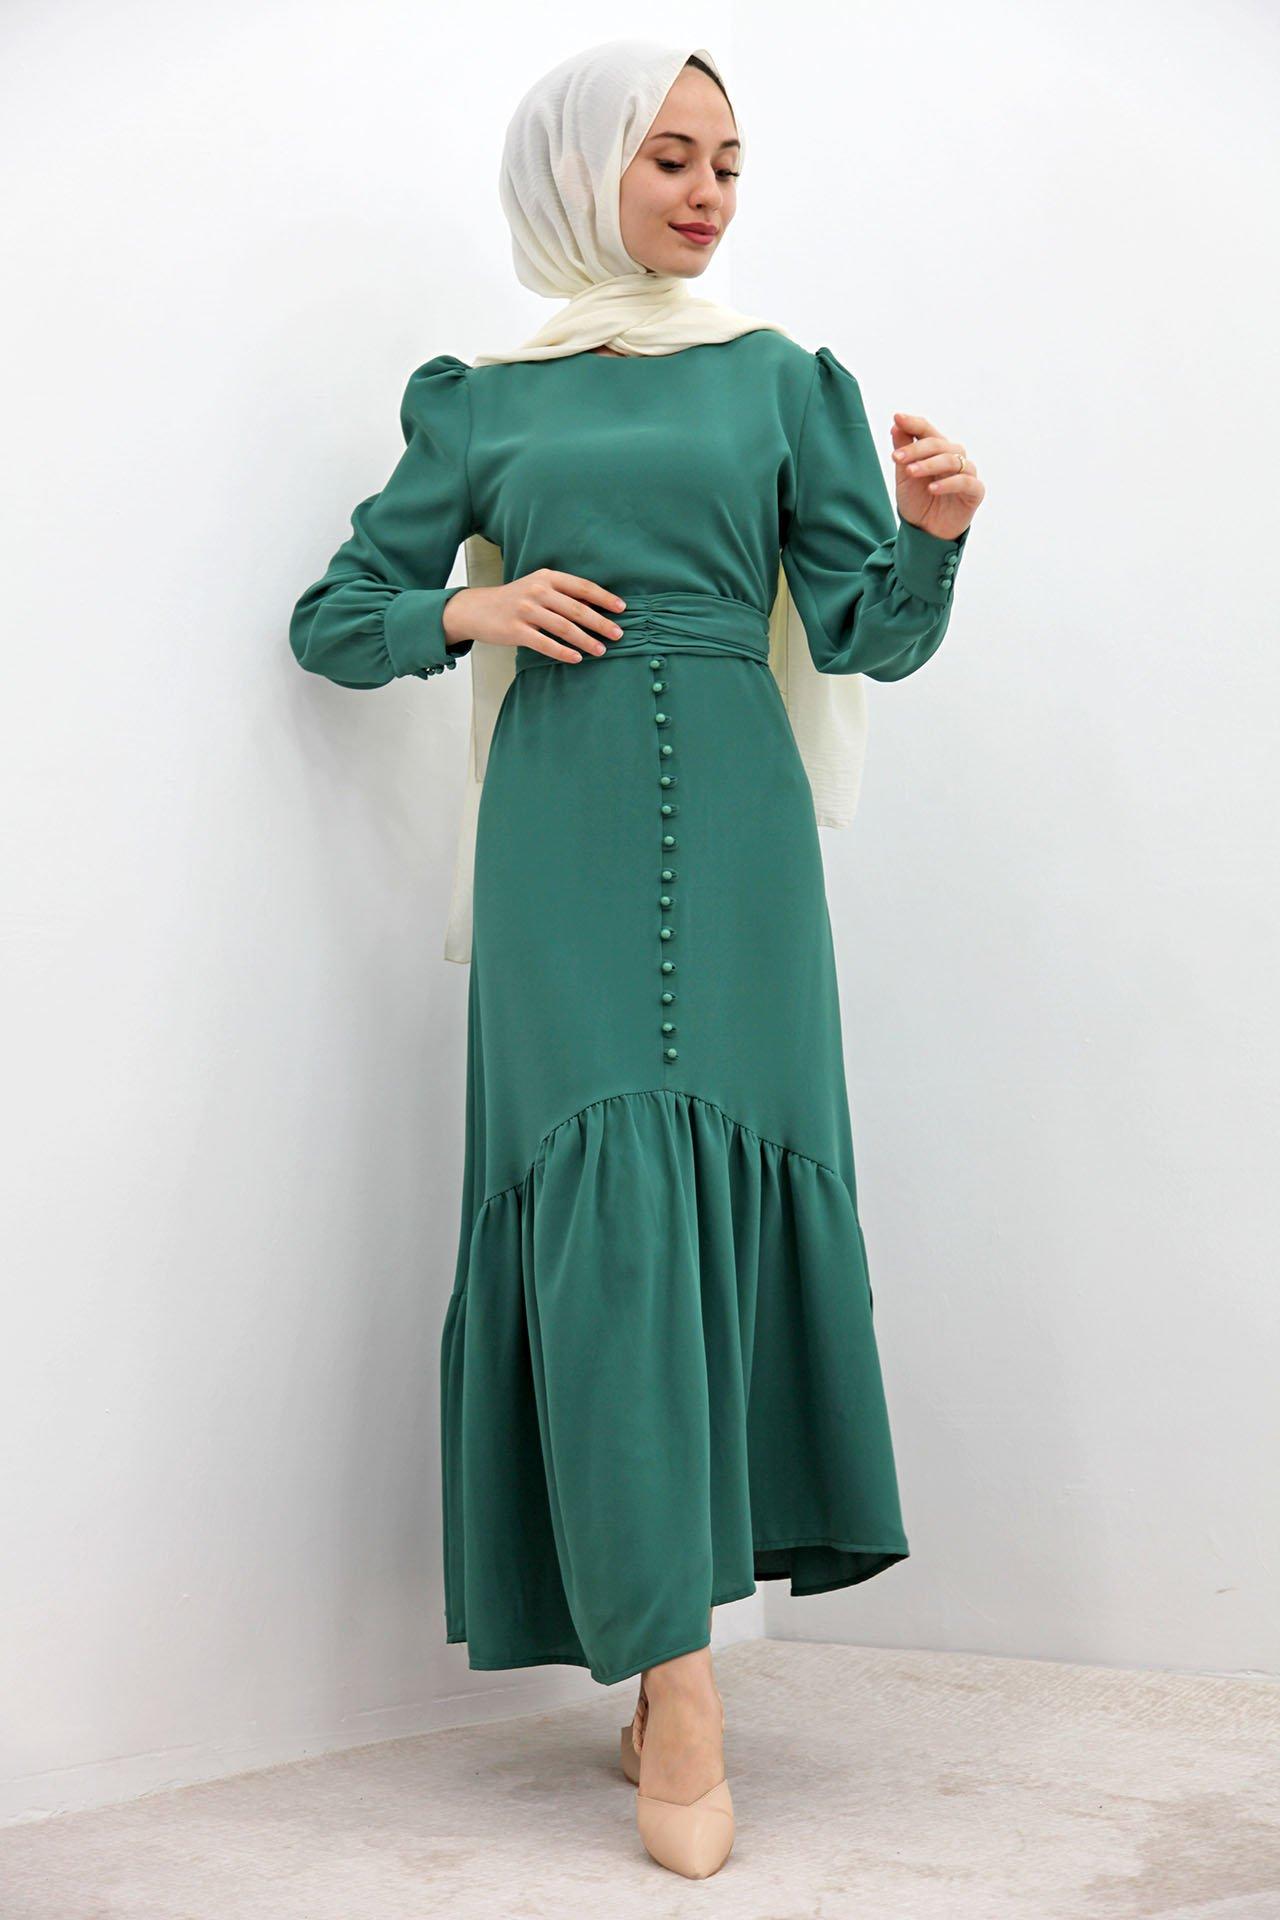 GİZAGİYİM - Düğme Detaylı Kuşaklı Elbise Yeşil